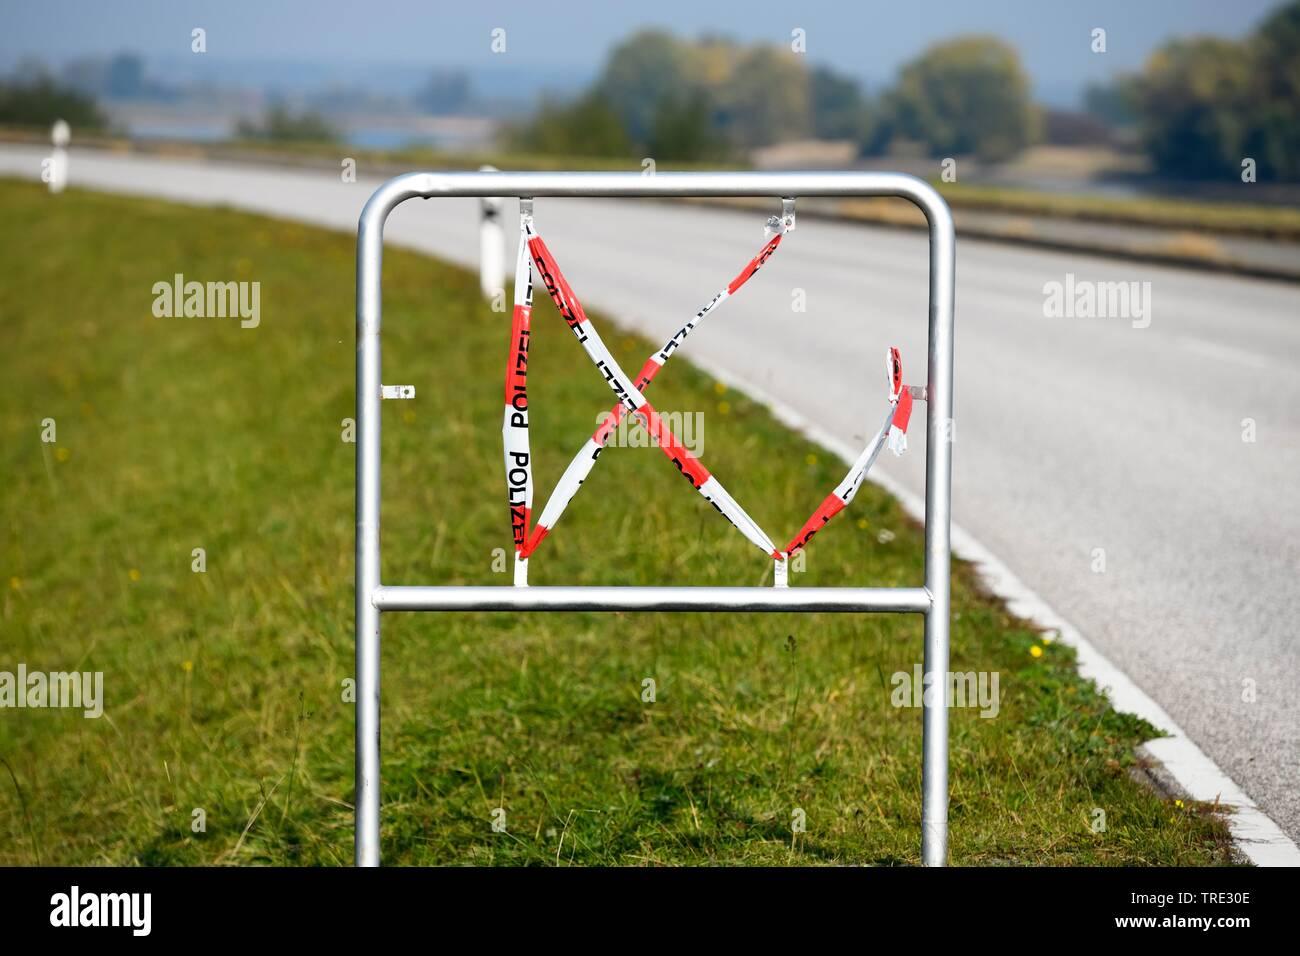 gestohlenes Ortsschild, Bundesrepublik Deutschland, Hamburg, Kirchwerder   stolen place name sign, Bundesrepublik Deutschland, Hamburg, Kirchwerder   - Stock Image